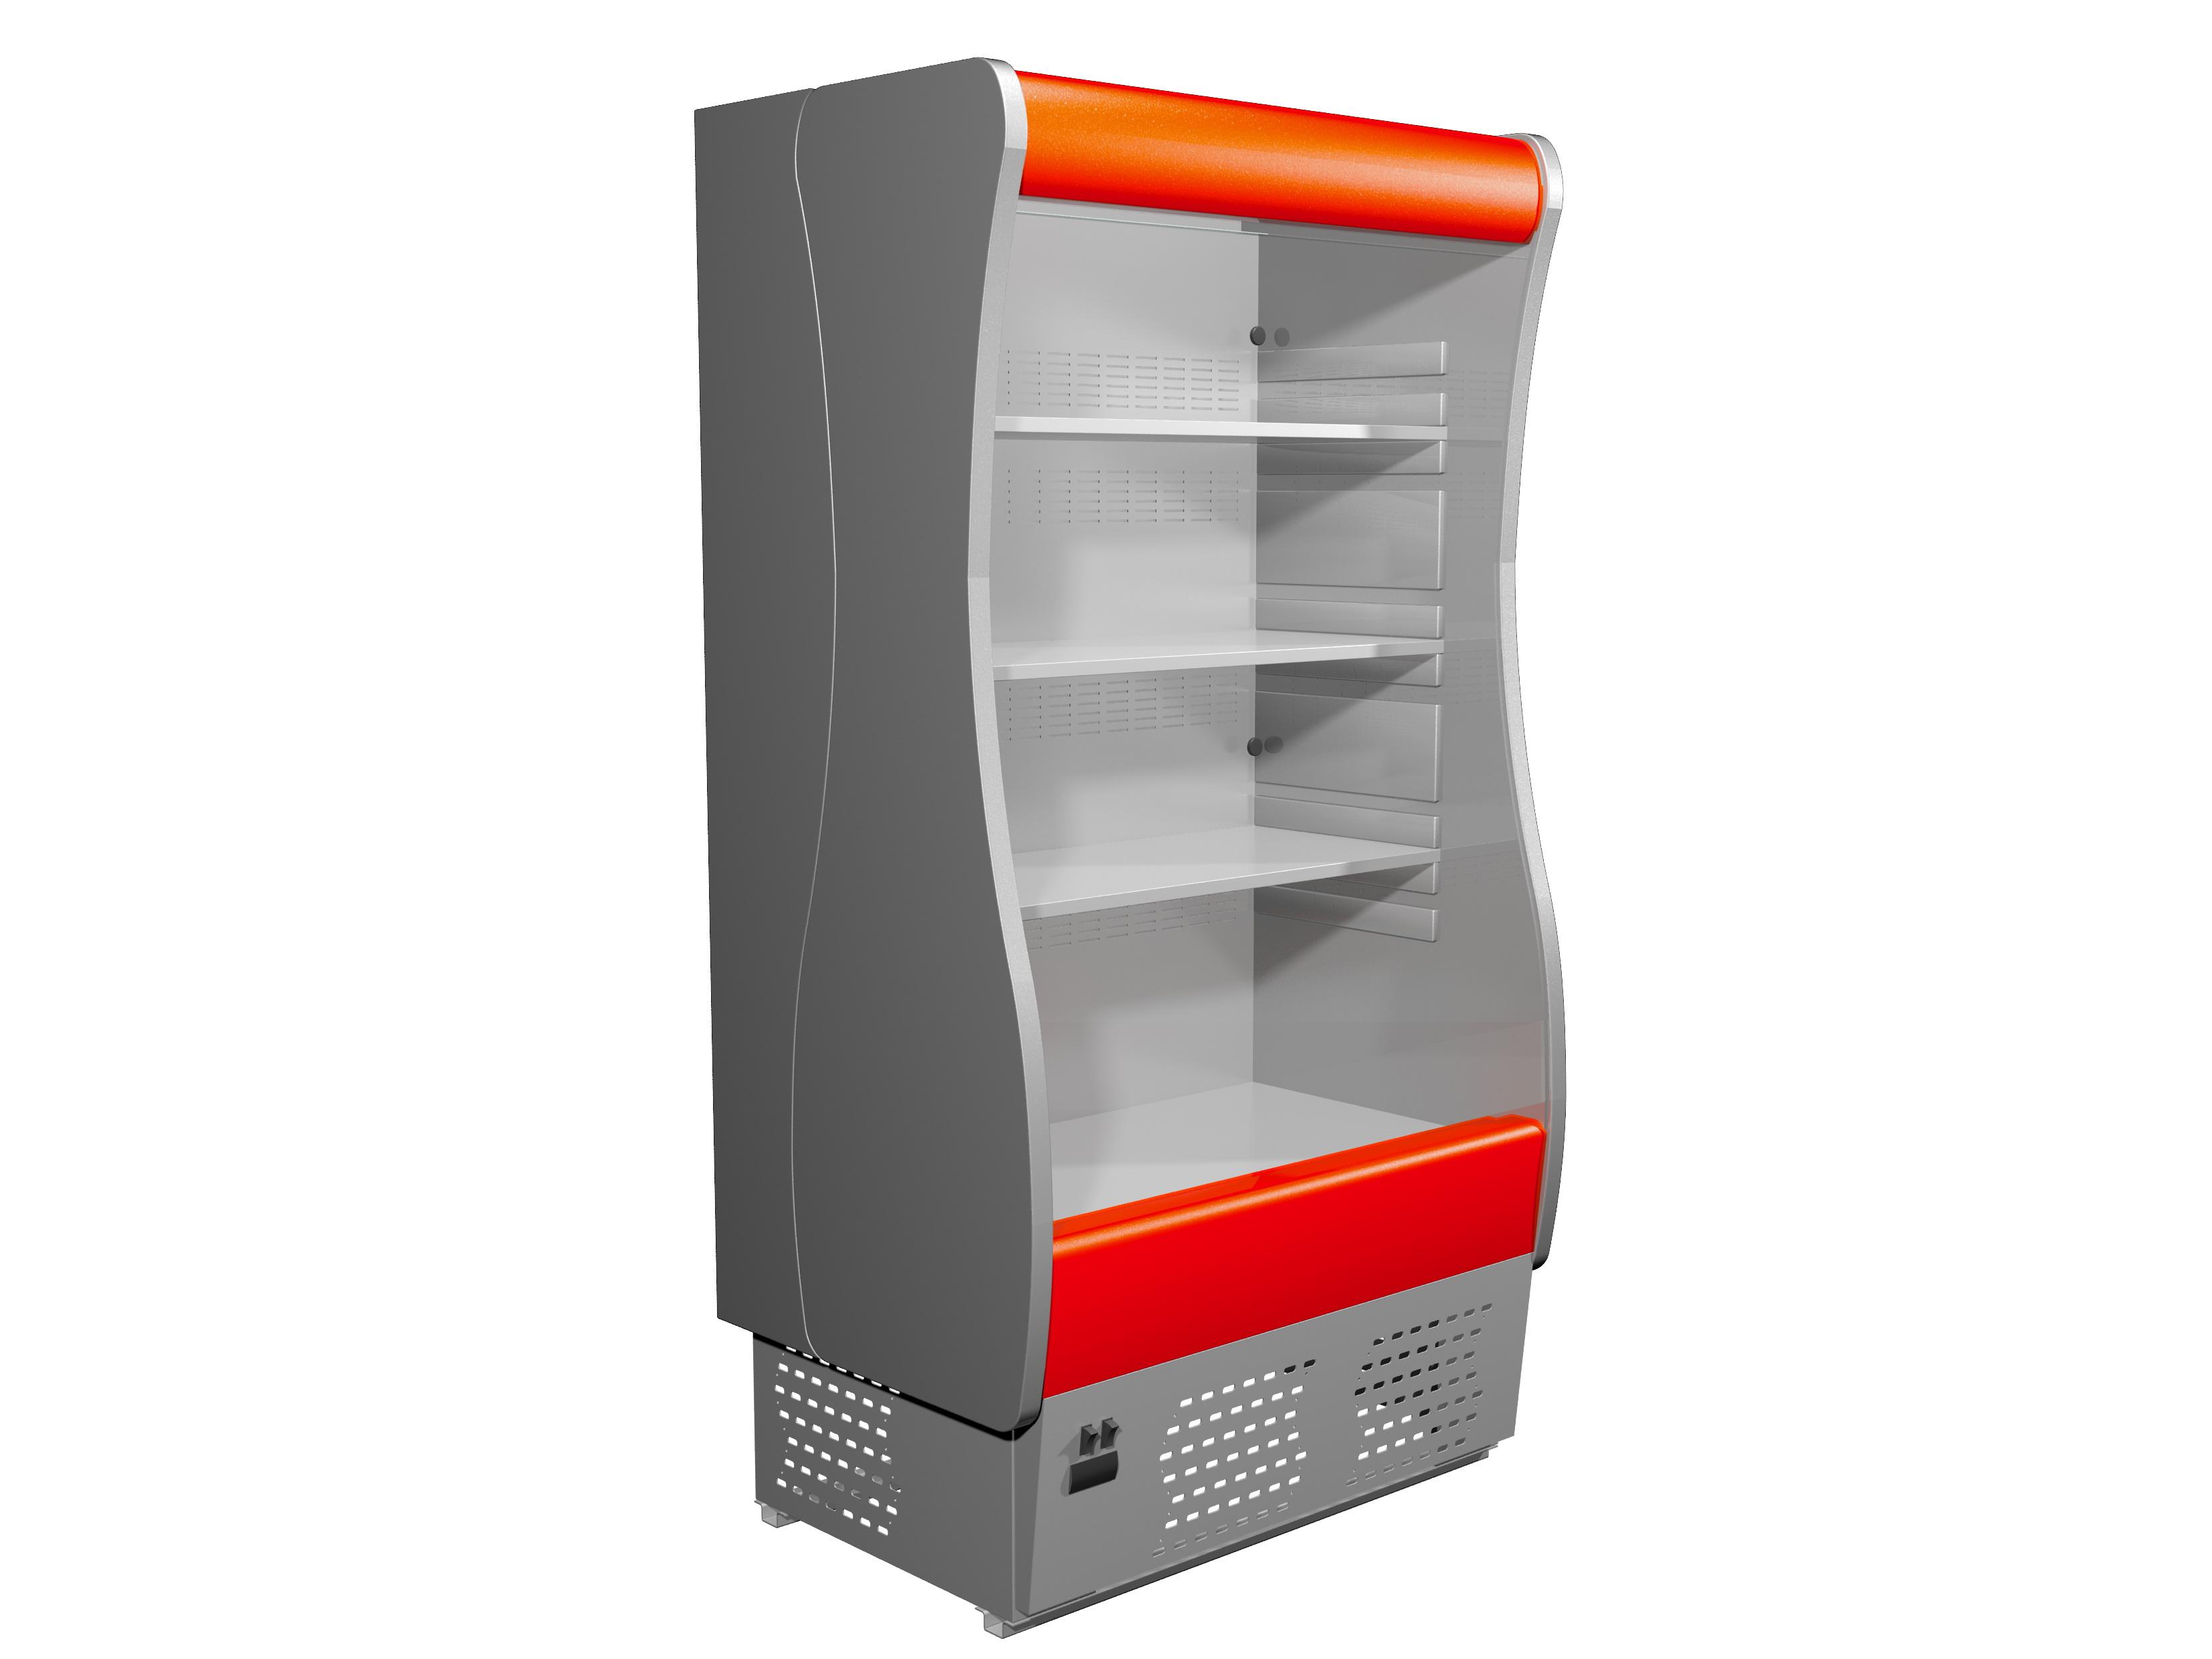 Заказать недорогое холодильное оборудование для магазинов в Алуште по доступной цене предлагает компания «Техностоун»